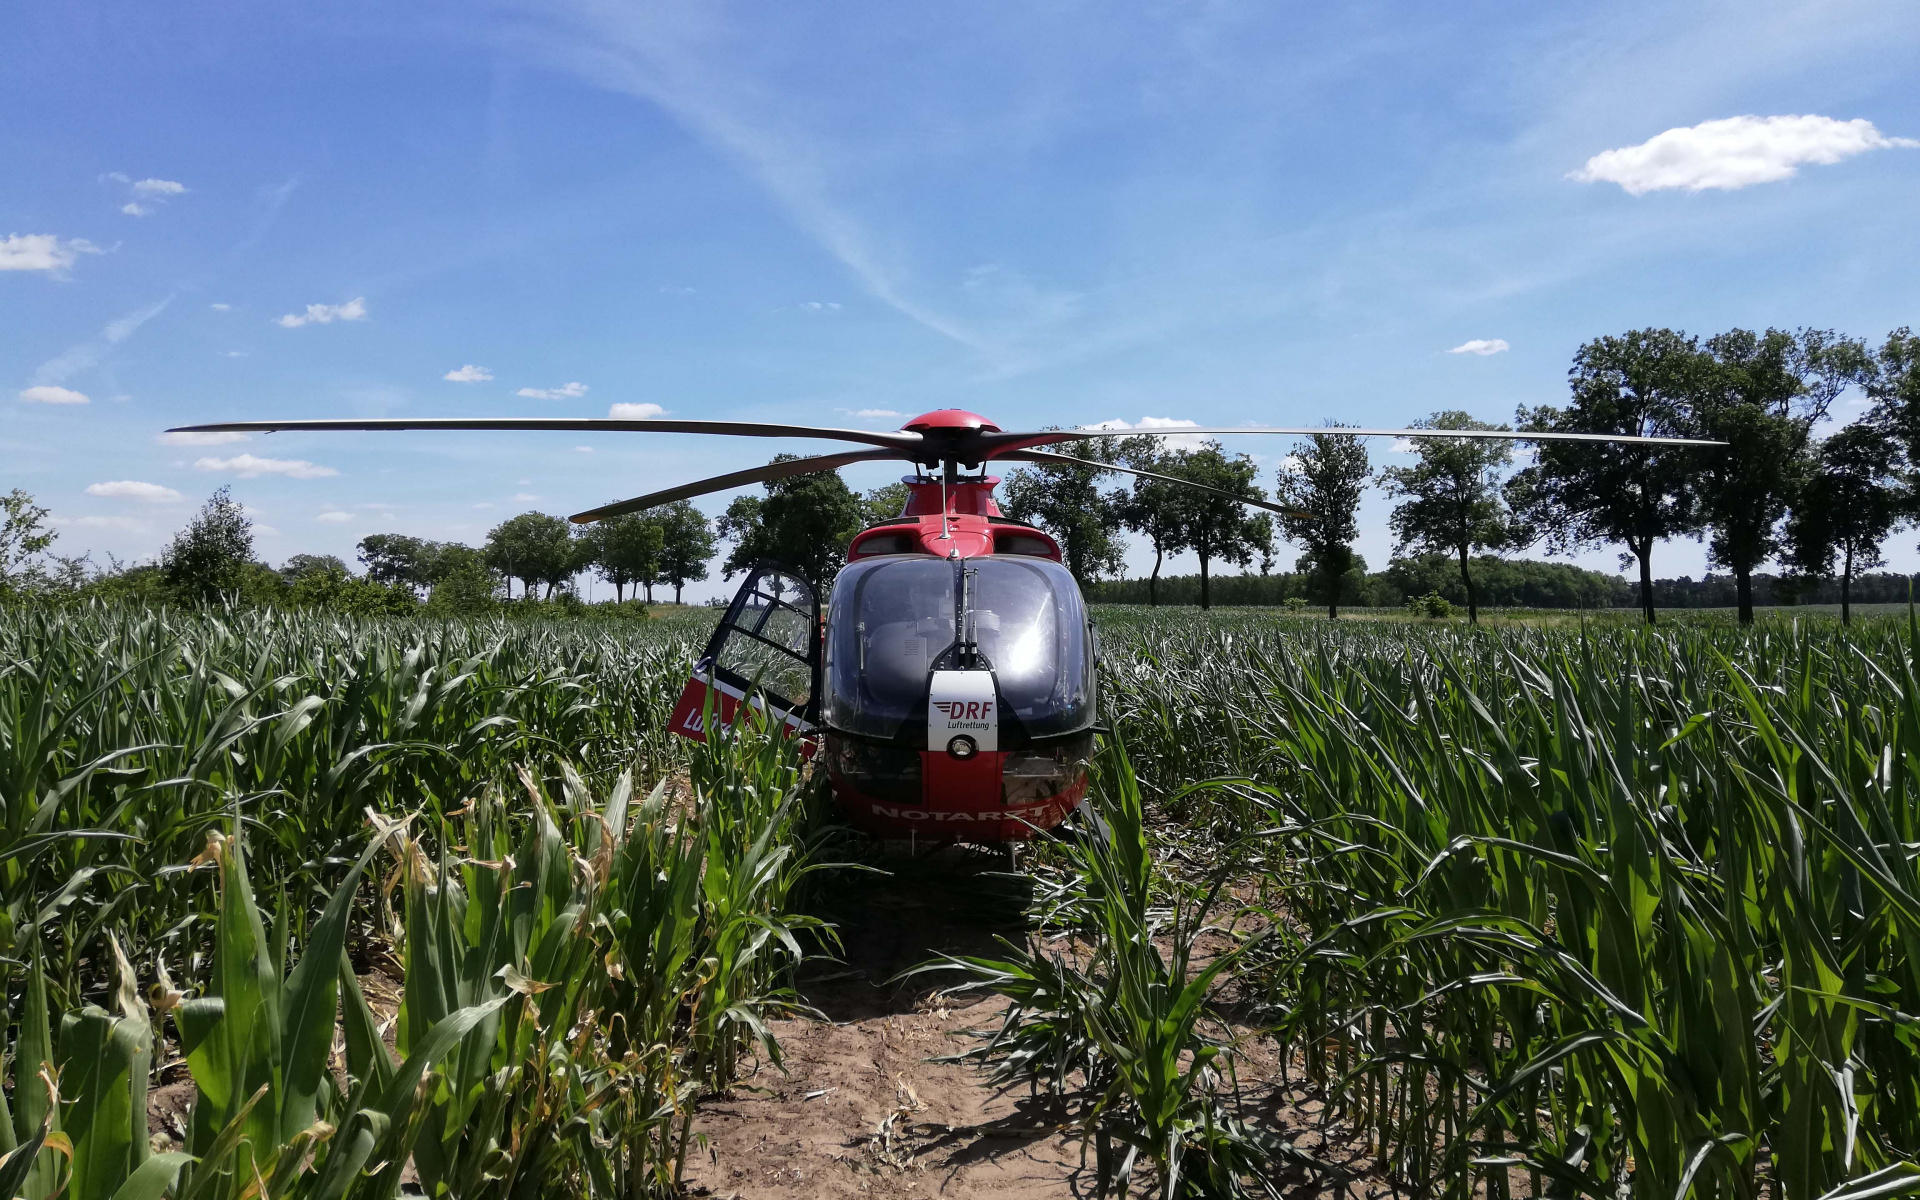 … mitunter sind auch Landungen im Grünen dabei. Über 1.300 Einsätze im Jahr leistet die Station, in 95 Prozent der Fälle ist der Hubschrauber dabei in der Notfallrettung als schneller Notarztzubringer unterwegs.